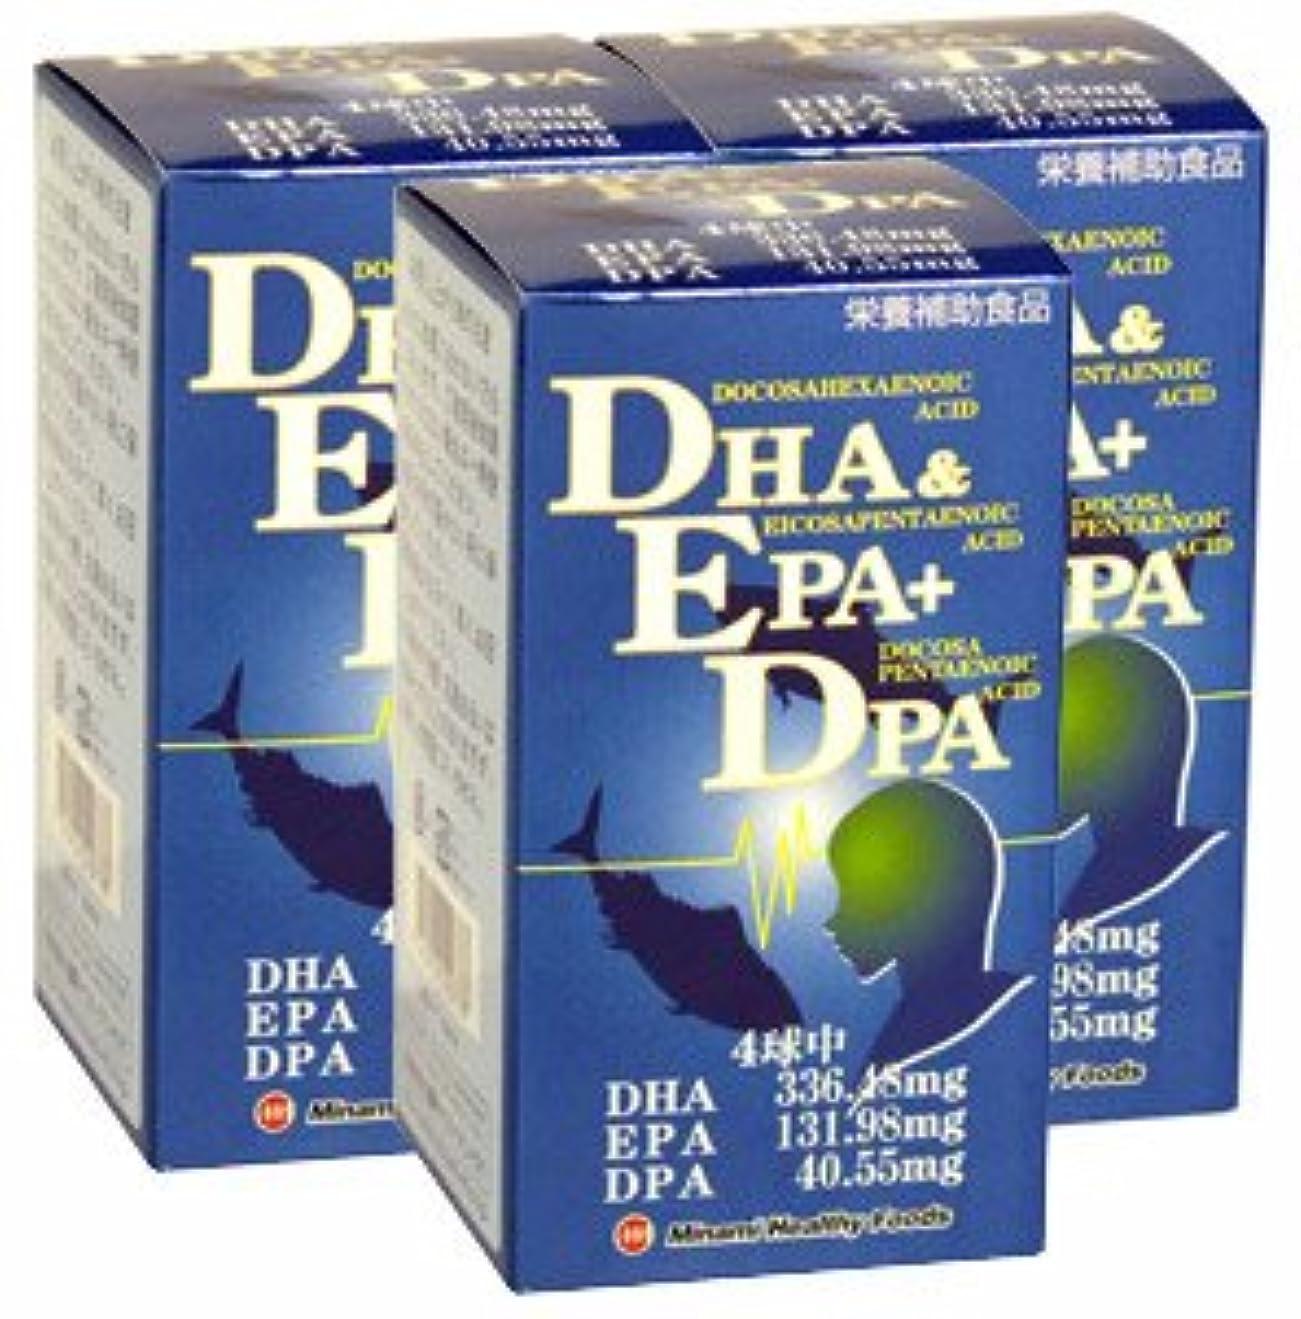 盗難くま敷居DHA&EPA+DPA【3本セット】ミナミヘルシーフーズ